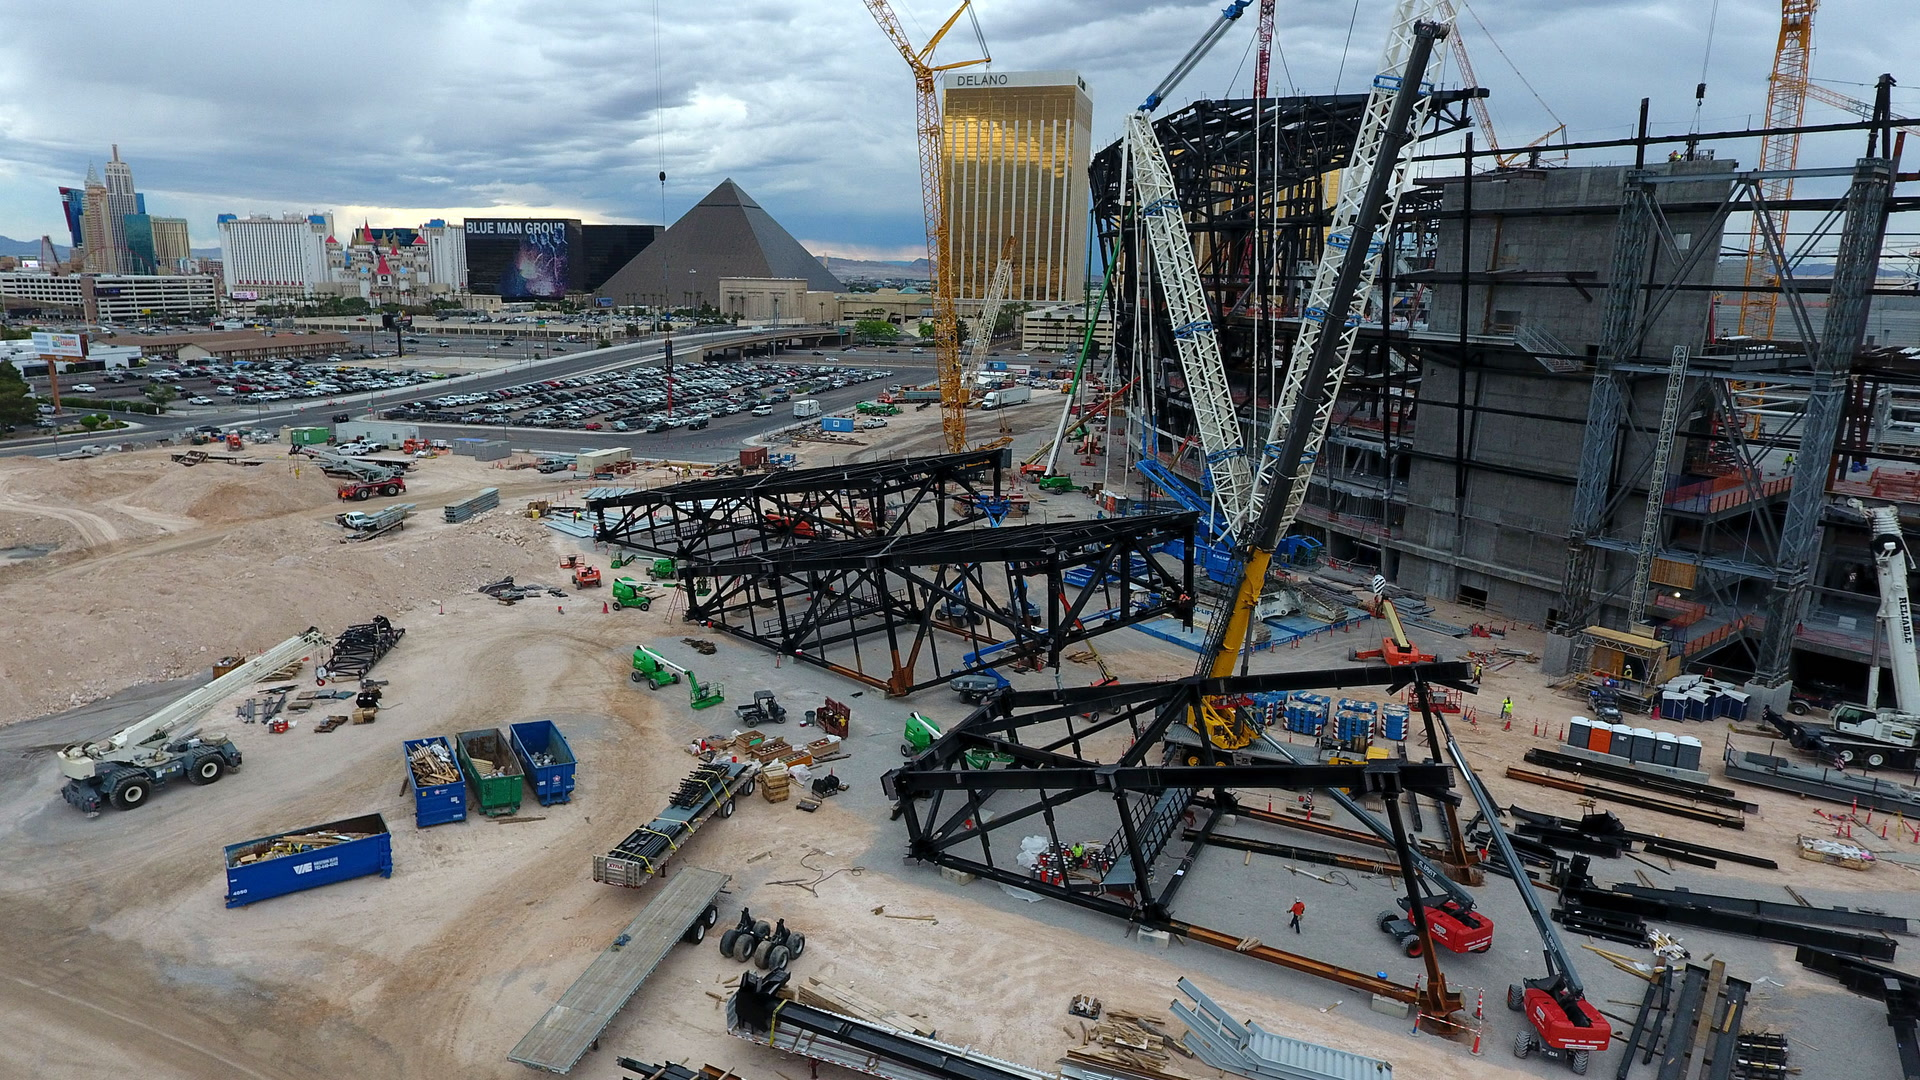 Las Vegas Raiders Stadium Enters Difficult Dangerous